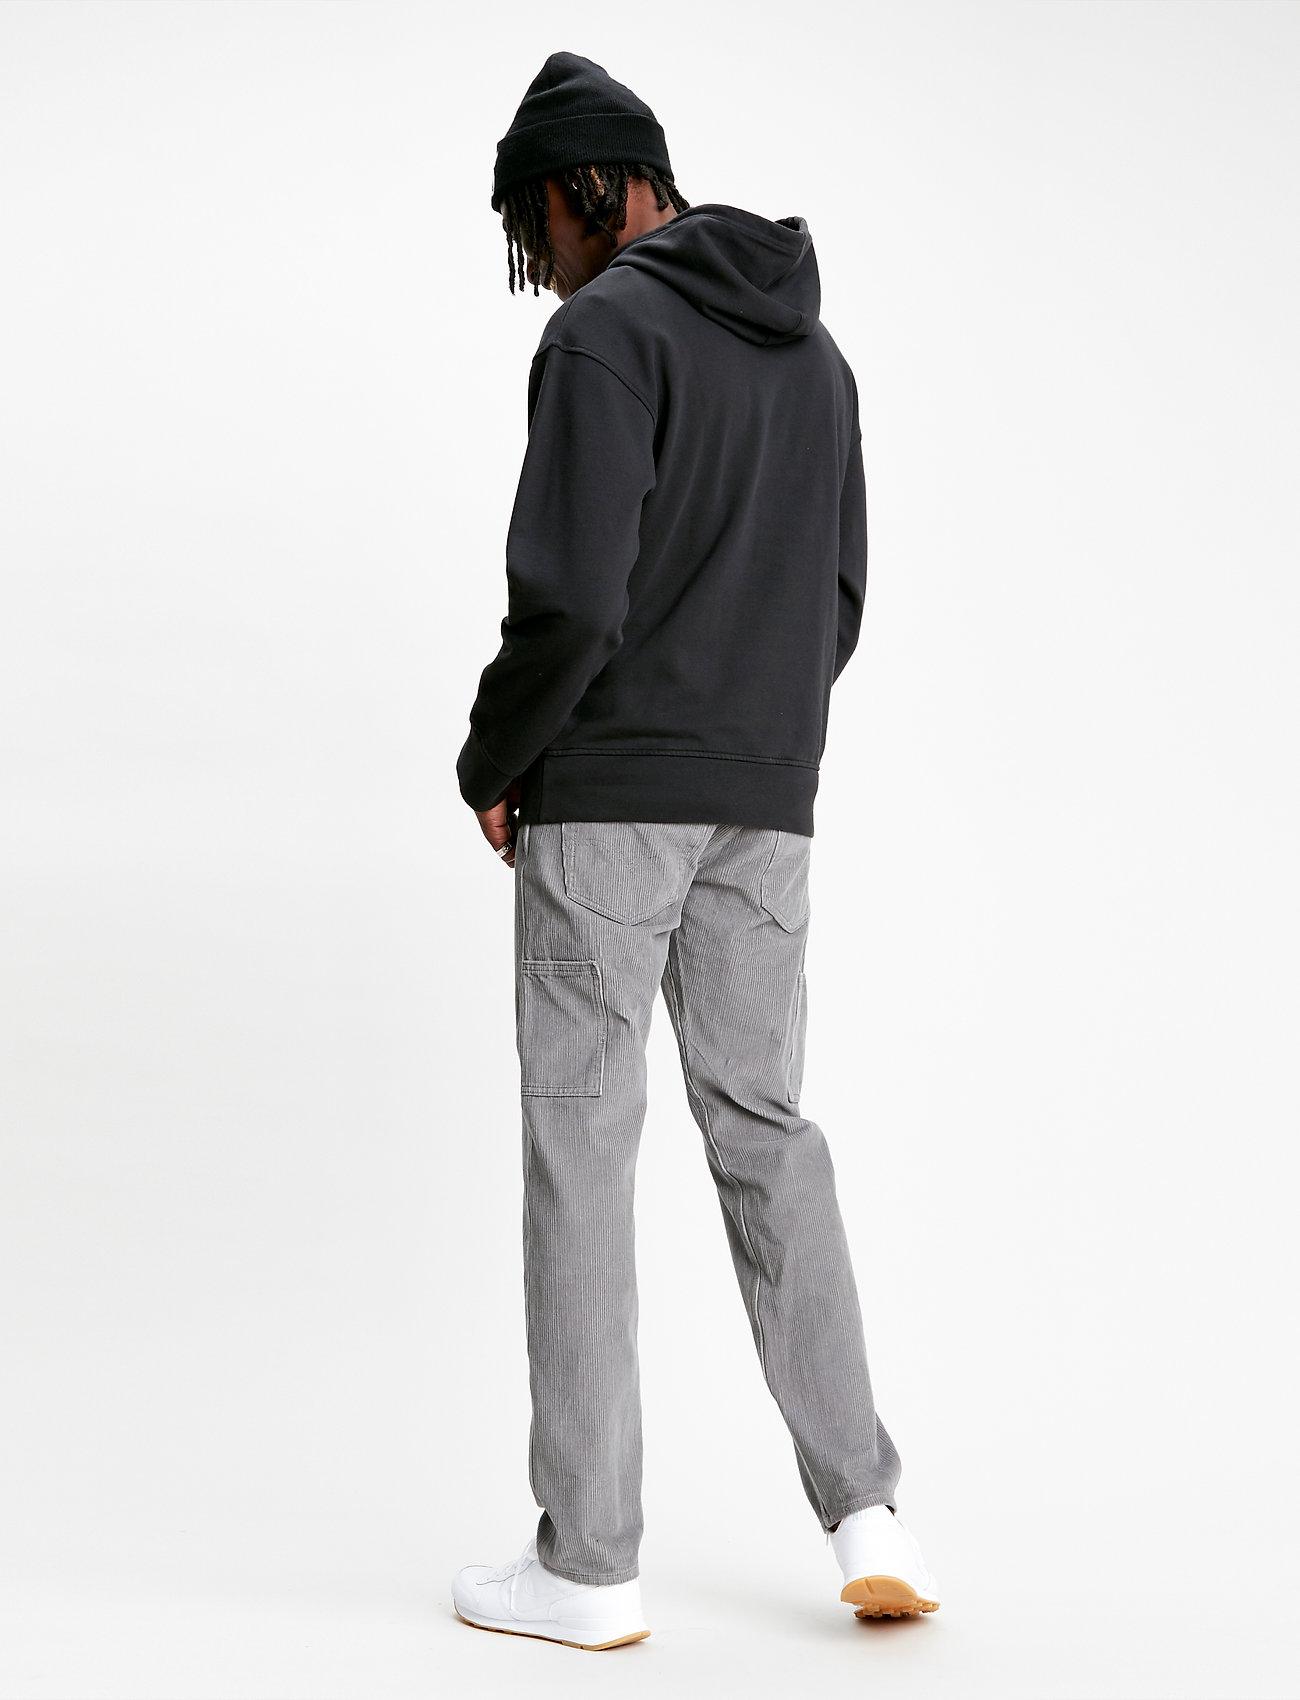 Relaxed Graphic Hoodie 90s Ser (Blacks) (561.75 kr) - LEVI´S Men